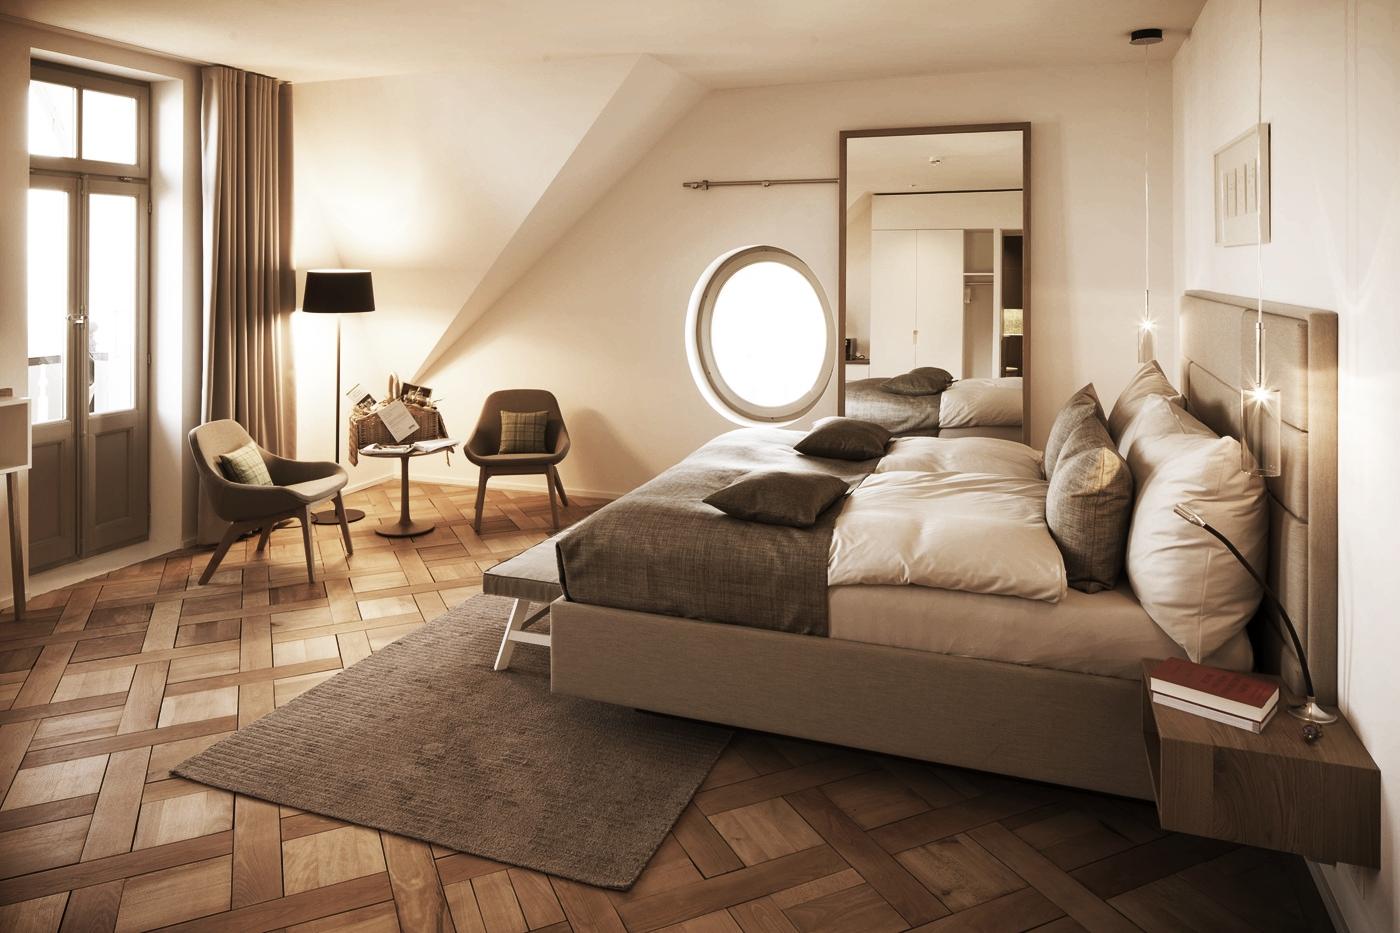 SLEEP_  HOTEL@GURTEN.  #ParkimGrünen #Gurten #TopofBern #View #Unique   https://www.gurtenpark.ch/hotel